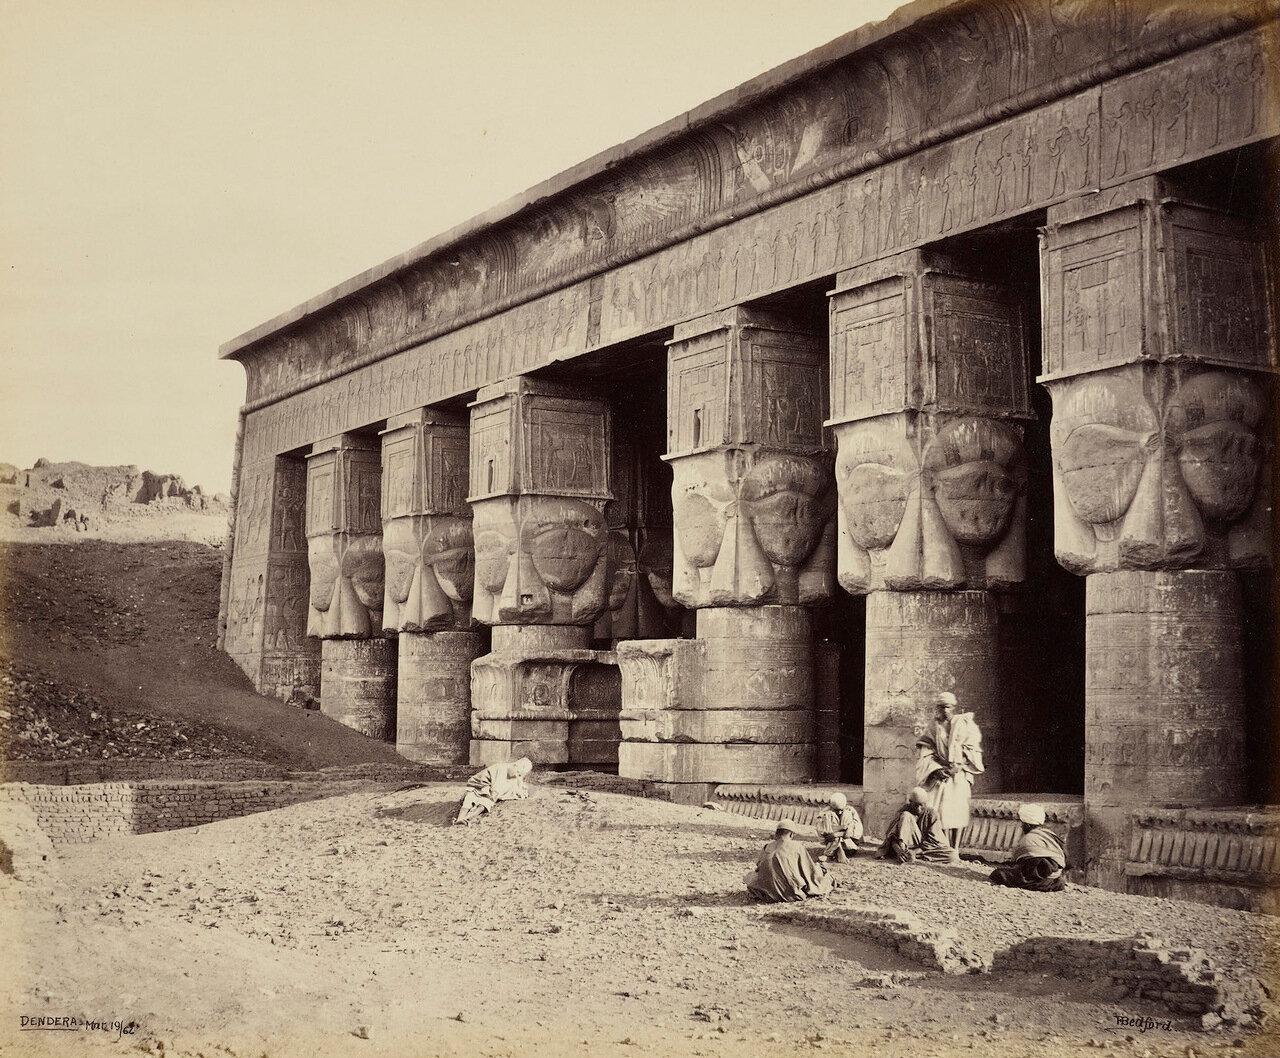 19 марта 1862. Дендере. Западный портик Храма Хатхор